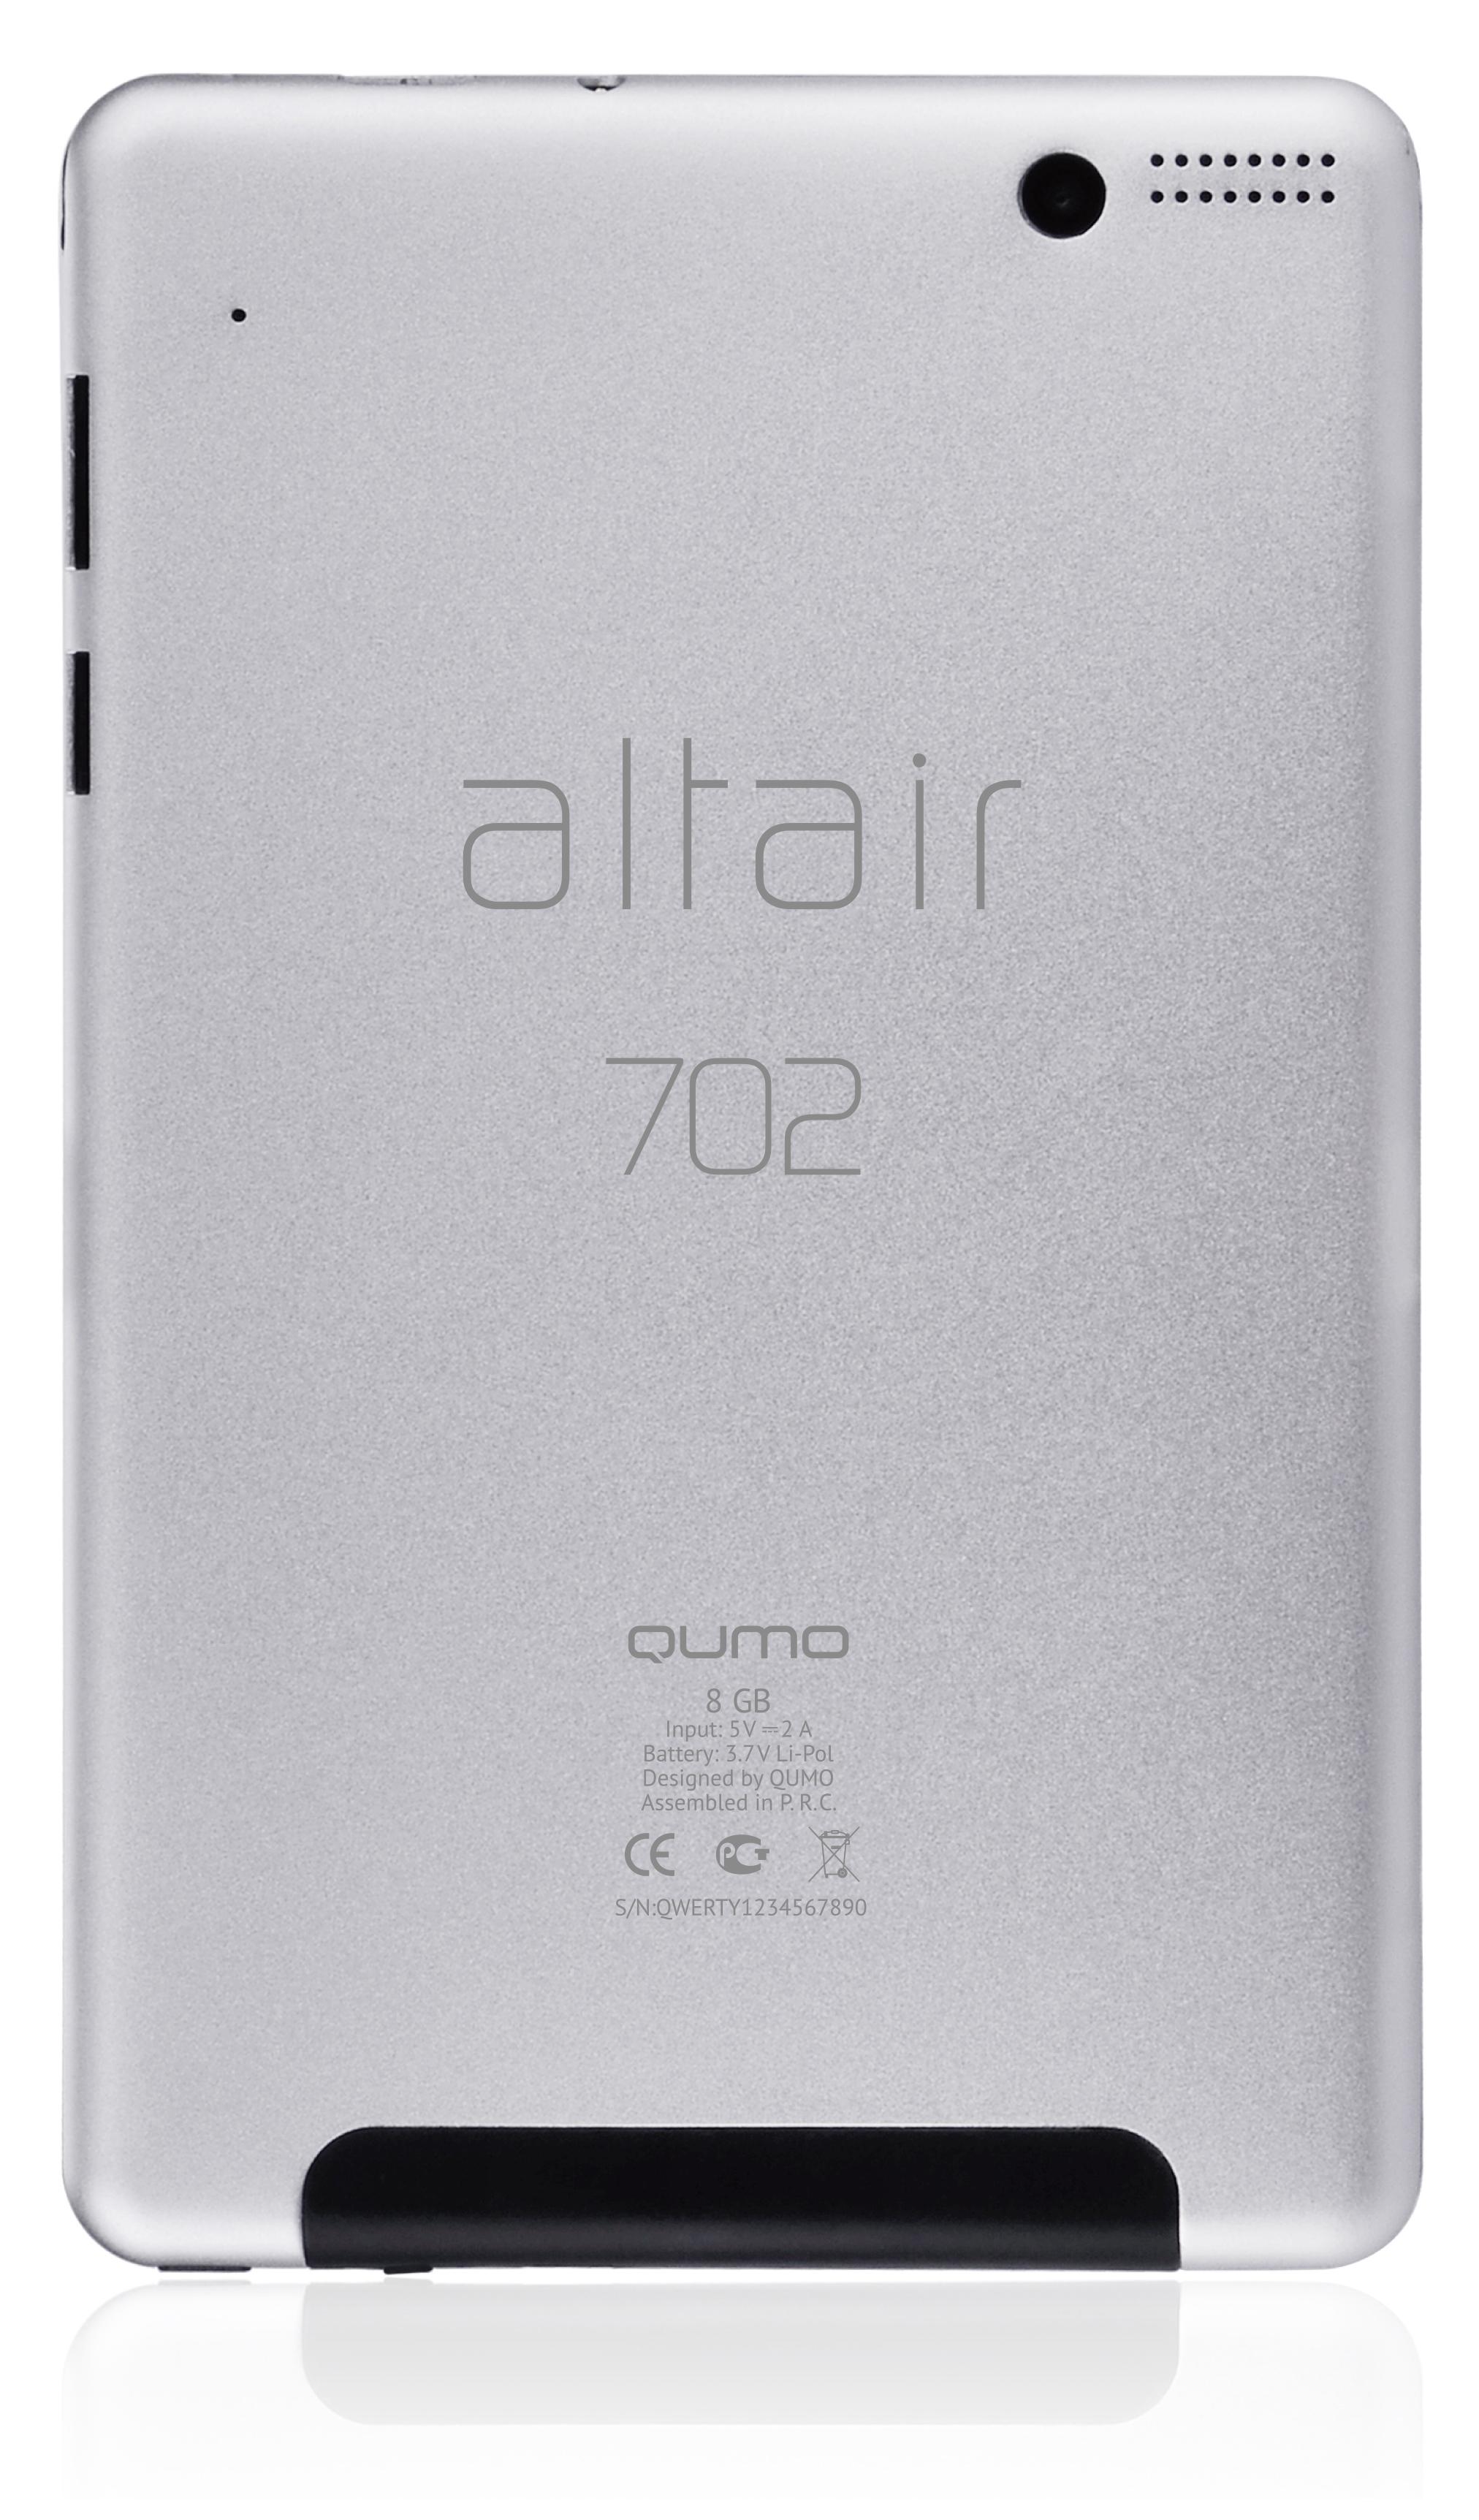 Altair 702 qumo сколько стоит замена сенсорного экрана nokia 5800 - ремонт в Москве